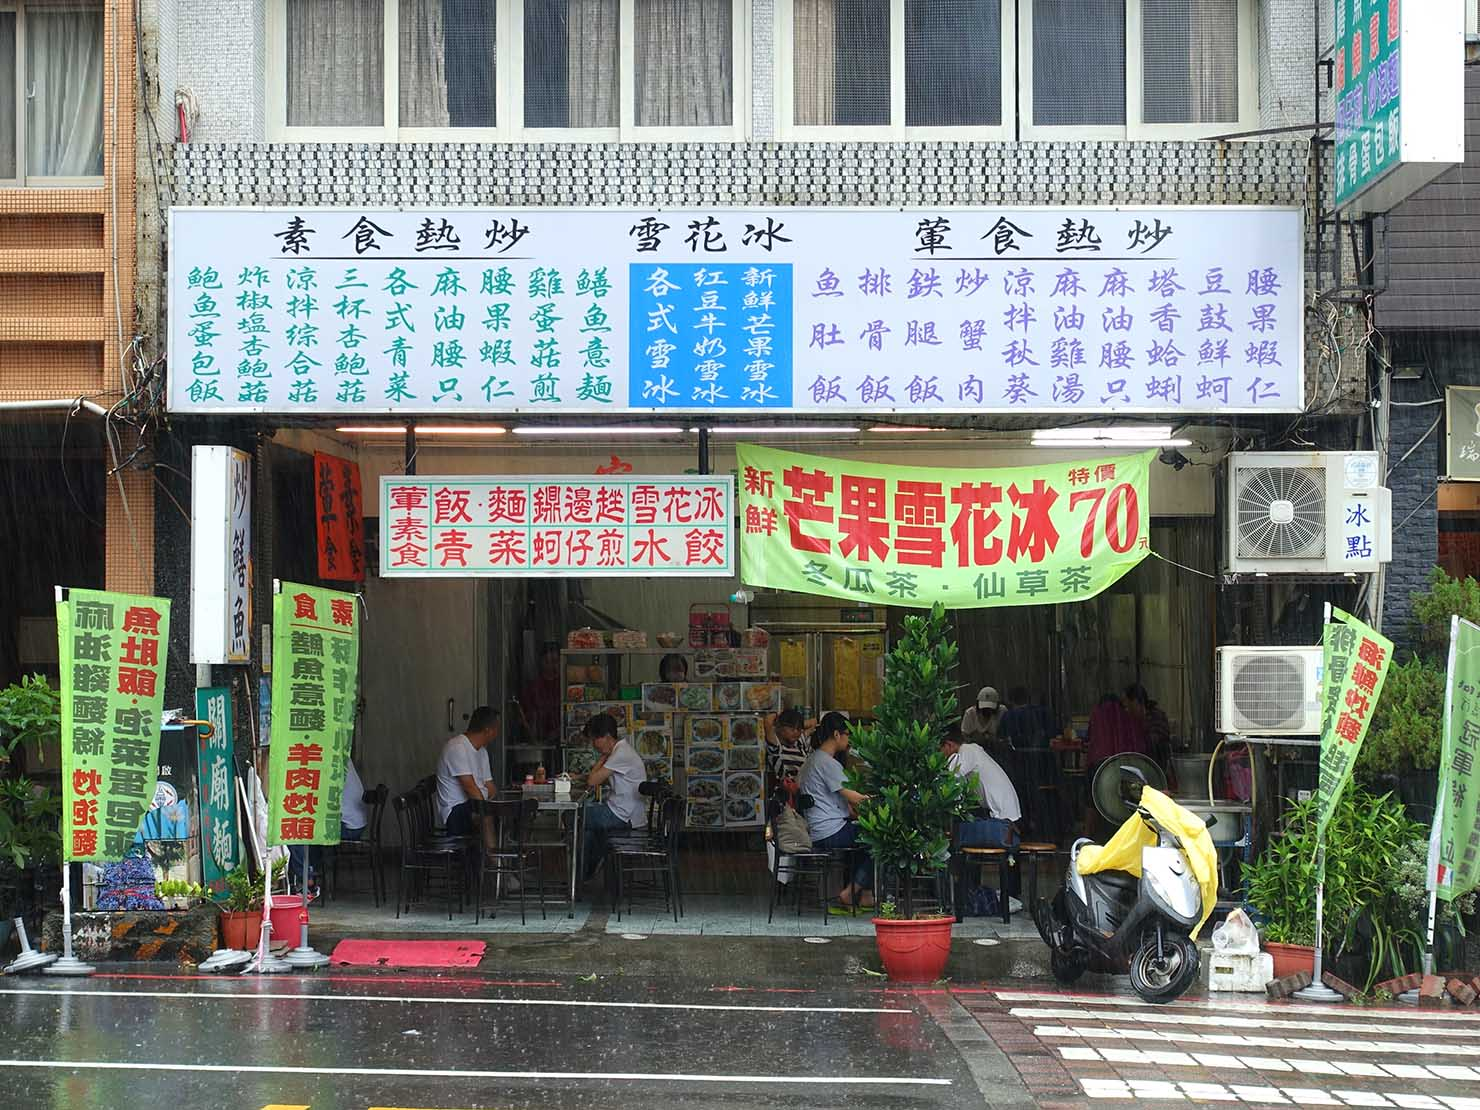 台南・赤崁樓周辺のおすすめグルメ店「過客亭蛋包飯專賣店」の外観